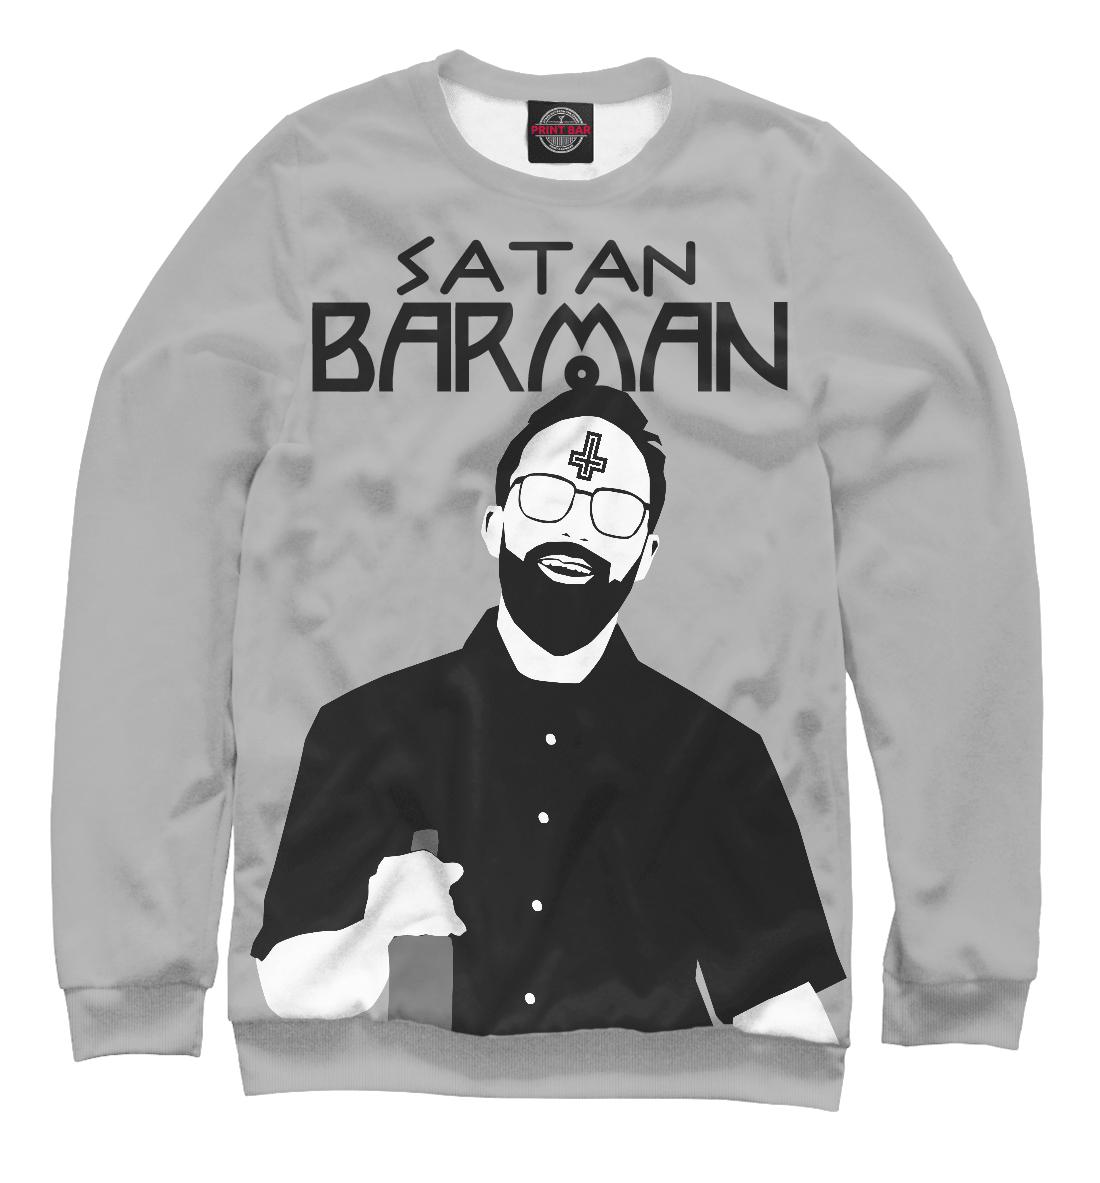 Satan Barman satan